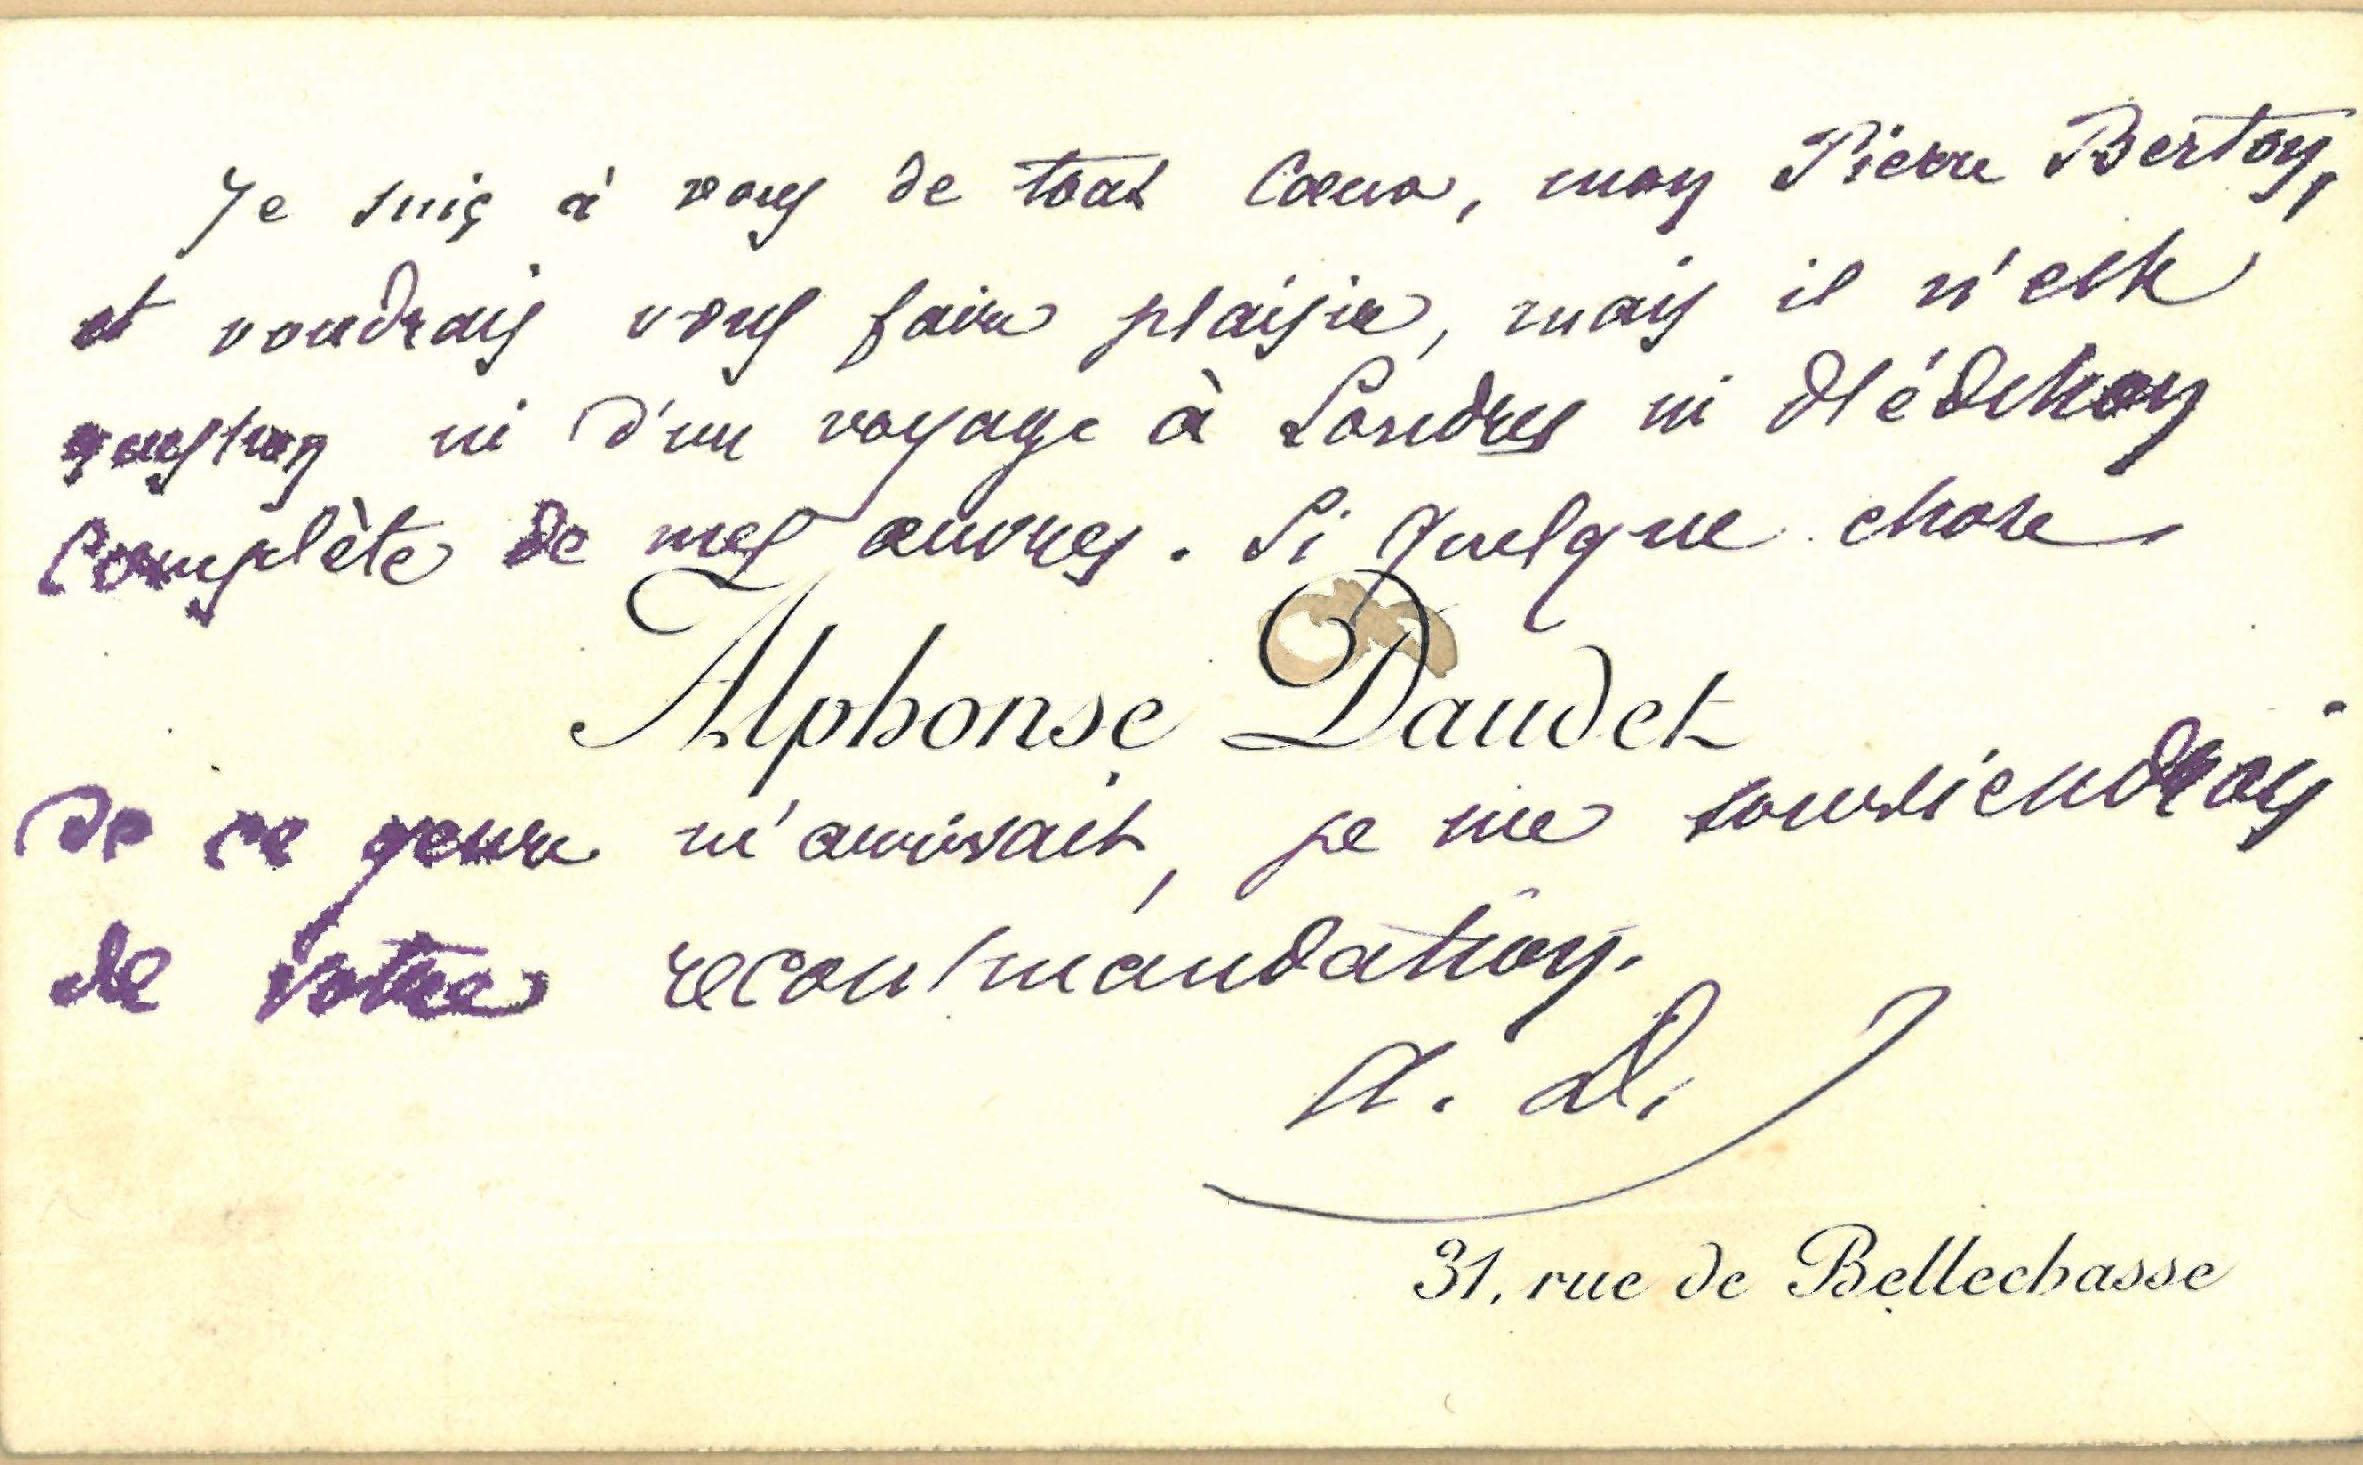 Alphonse Daudet (1840-1897) to Pierre Berton (?-?) n. d.